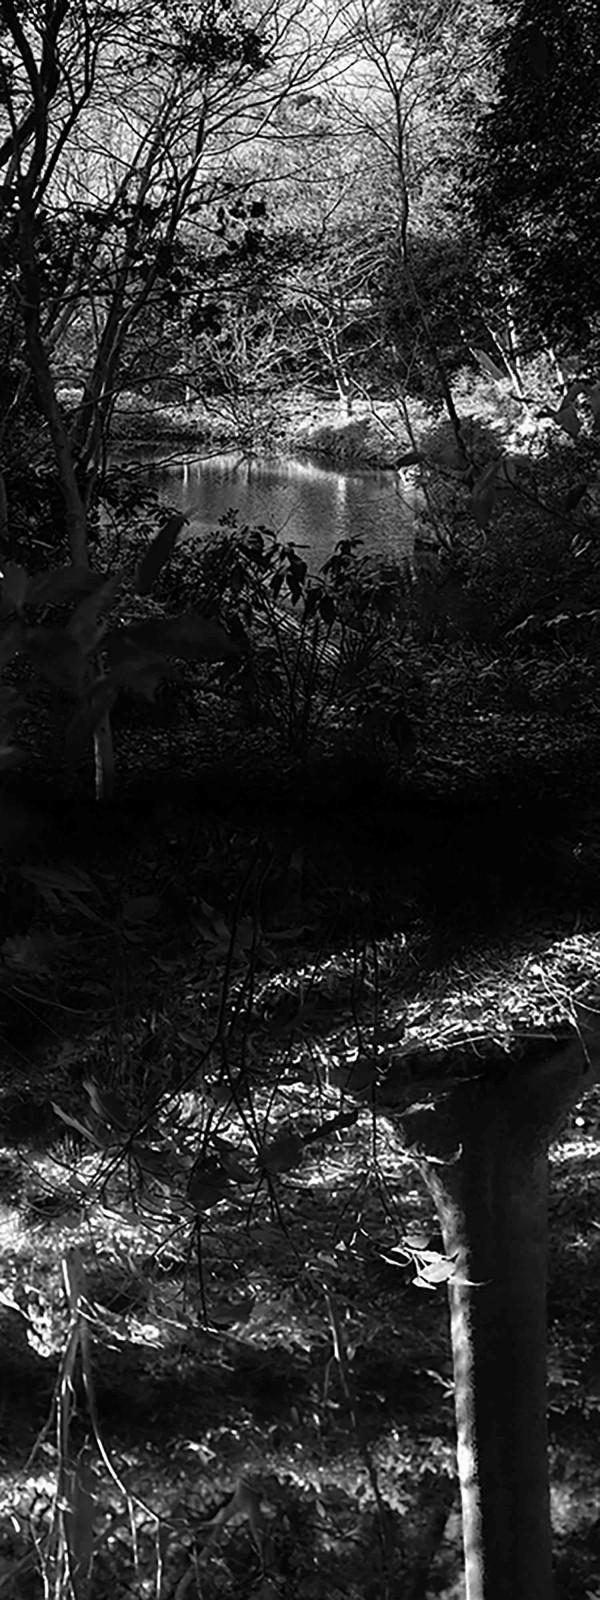 Reflecting landscape 04